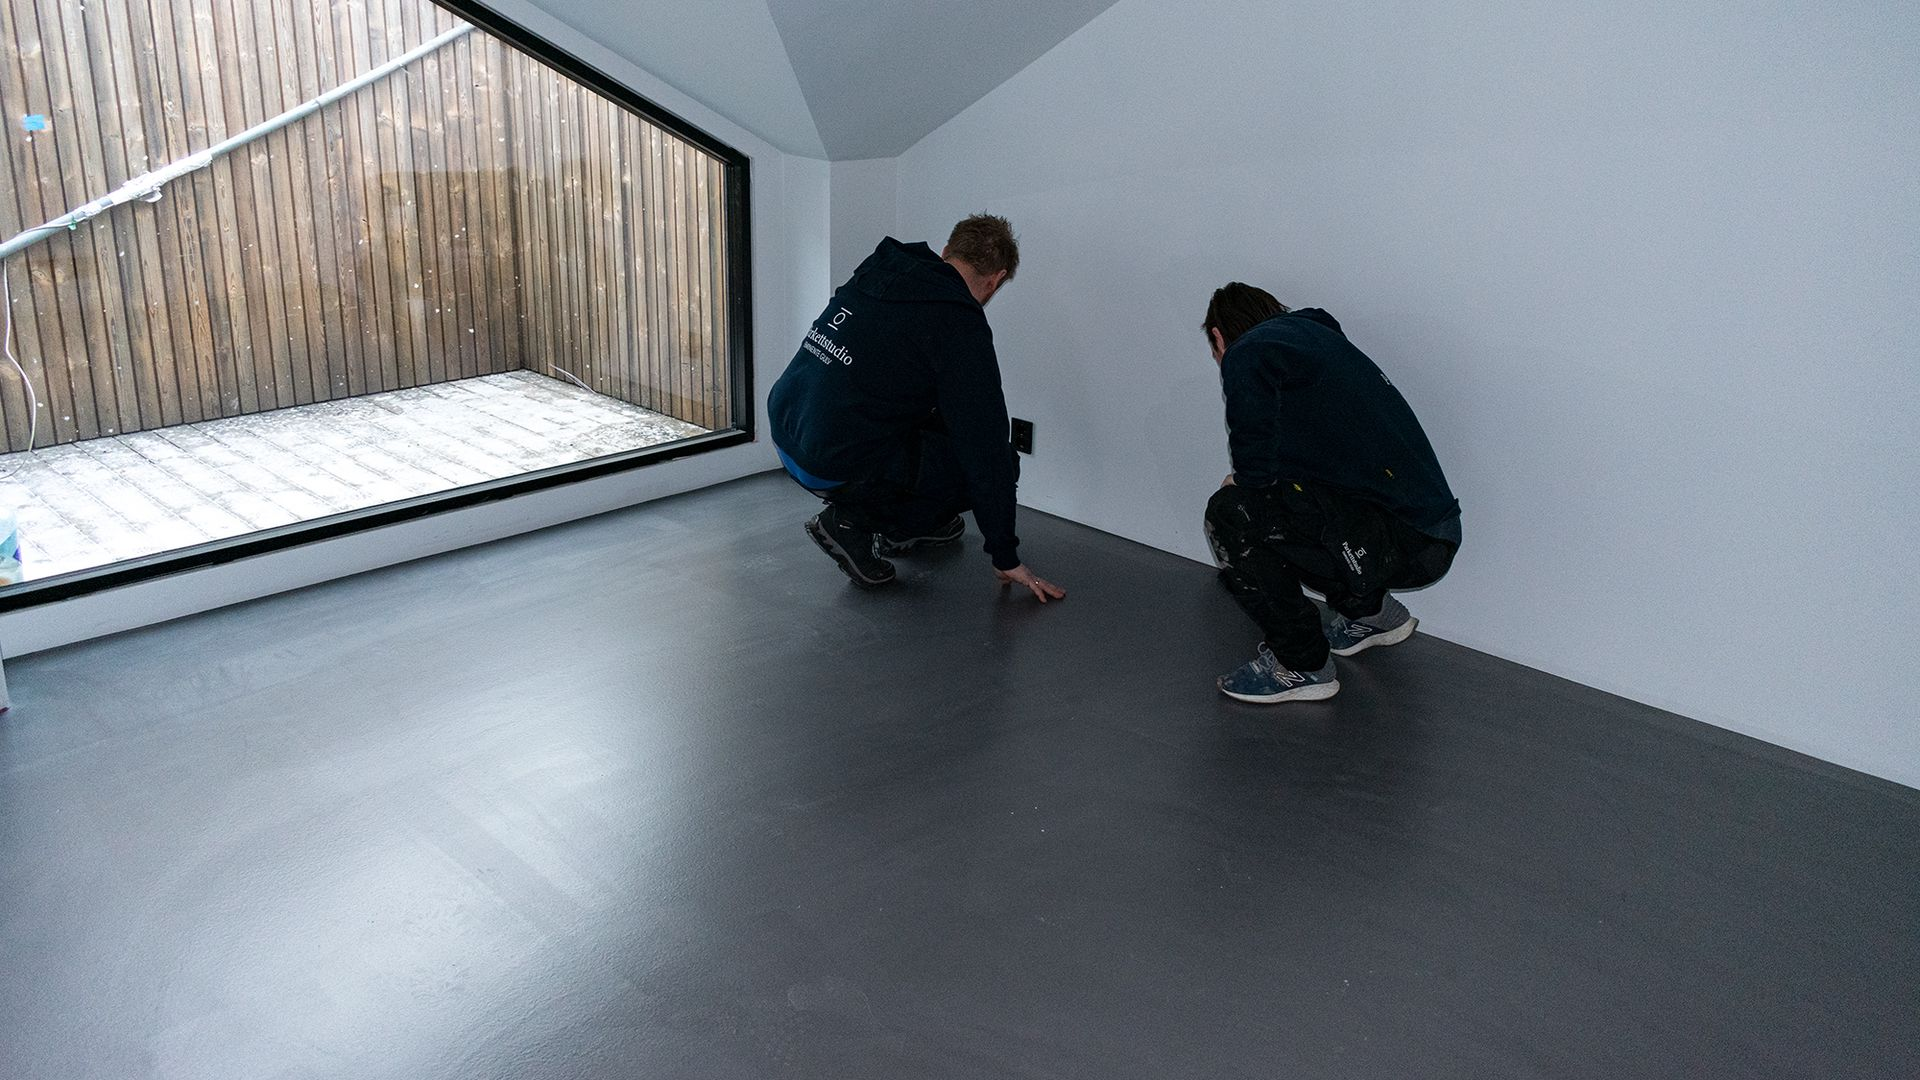 Parkettstudio AS gjennomførte oppføringen av gulvet, og forteller om en rask og problemfri prosess.